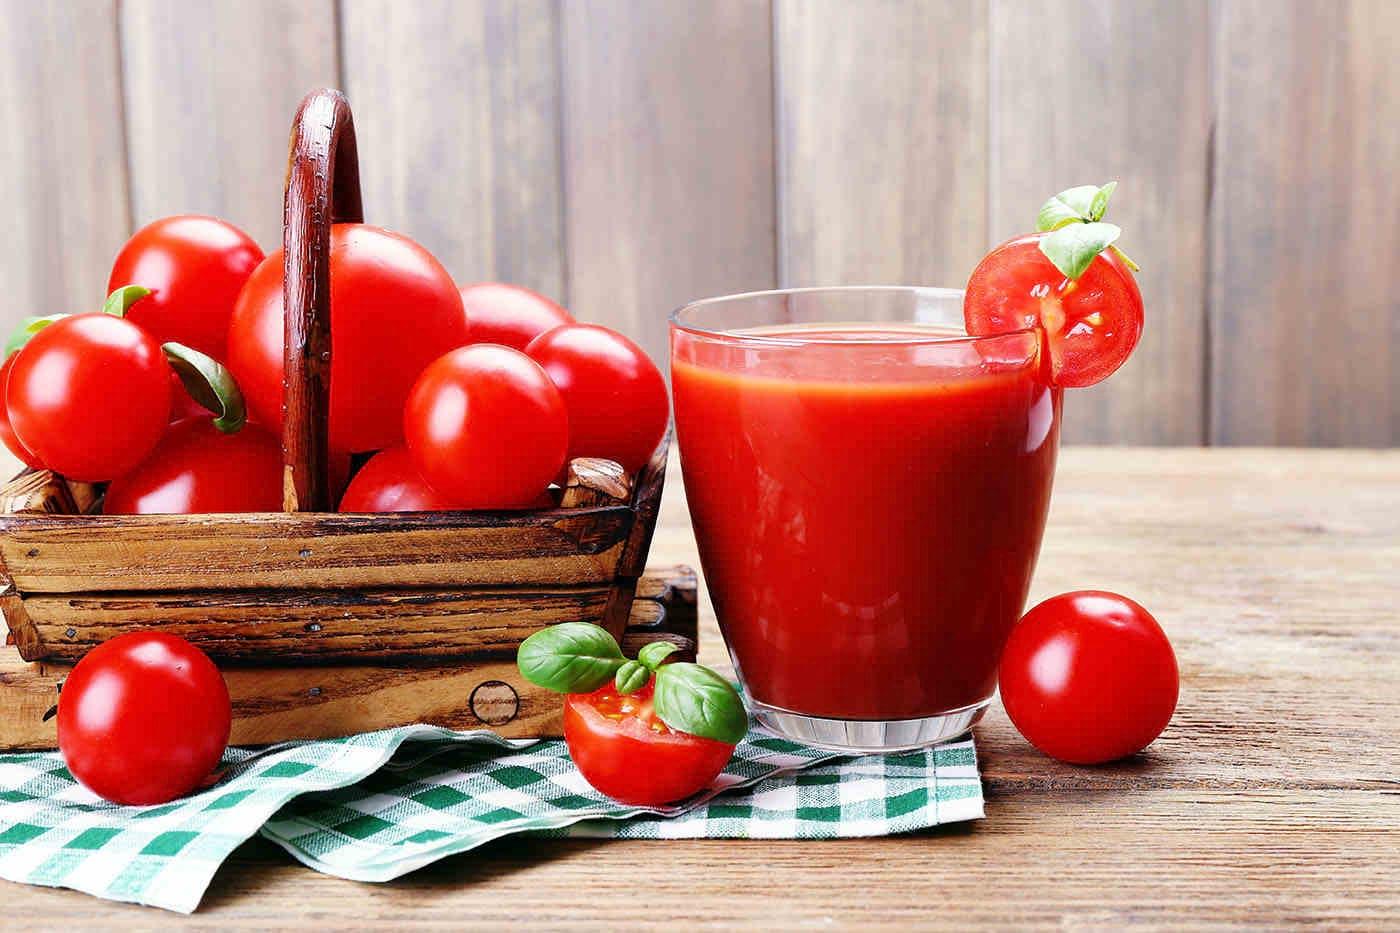 Suc de roșii: cum îl poți prepara acasă și de ce să-l consumi?